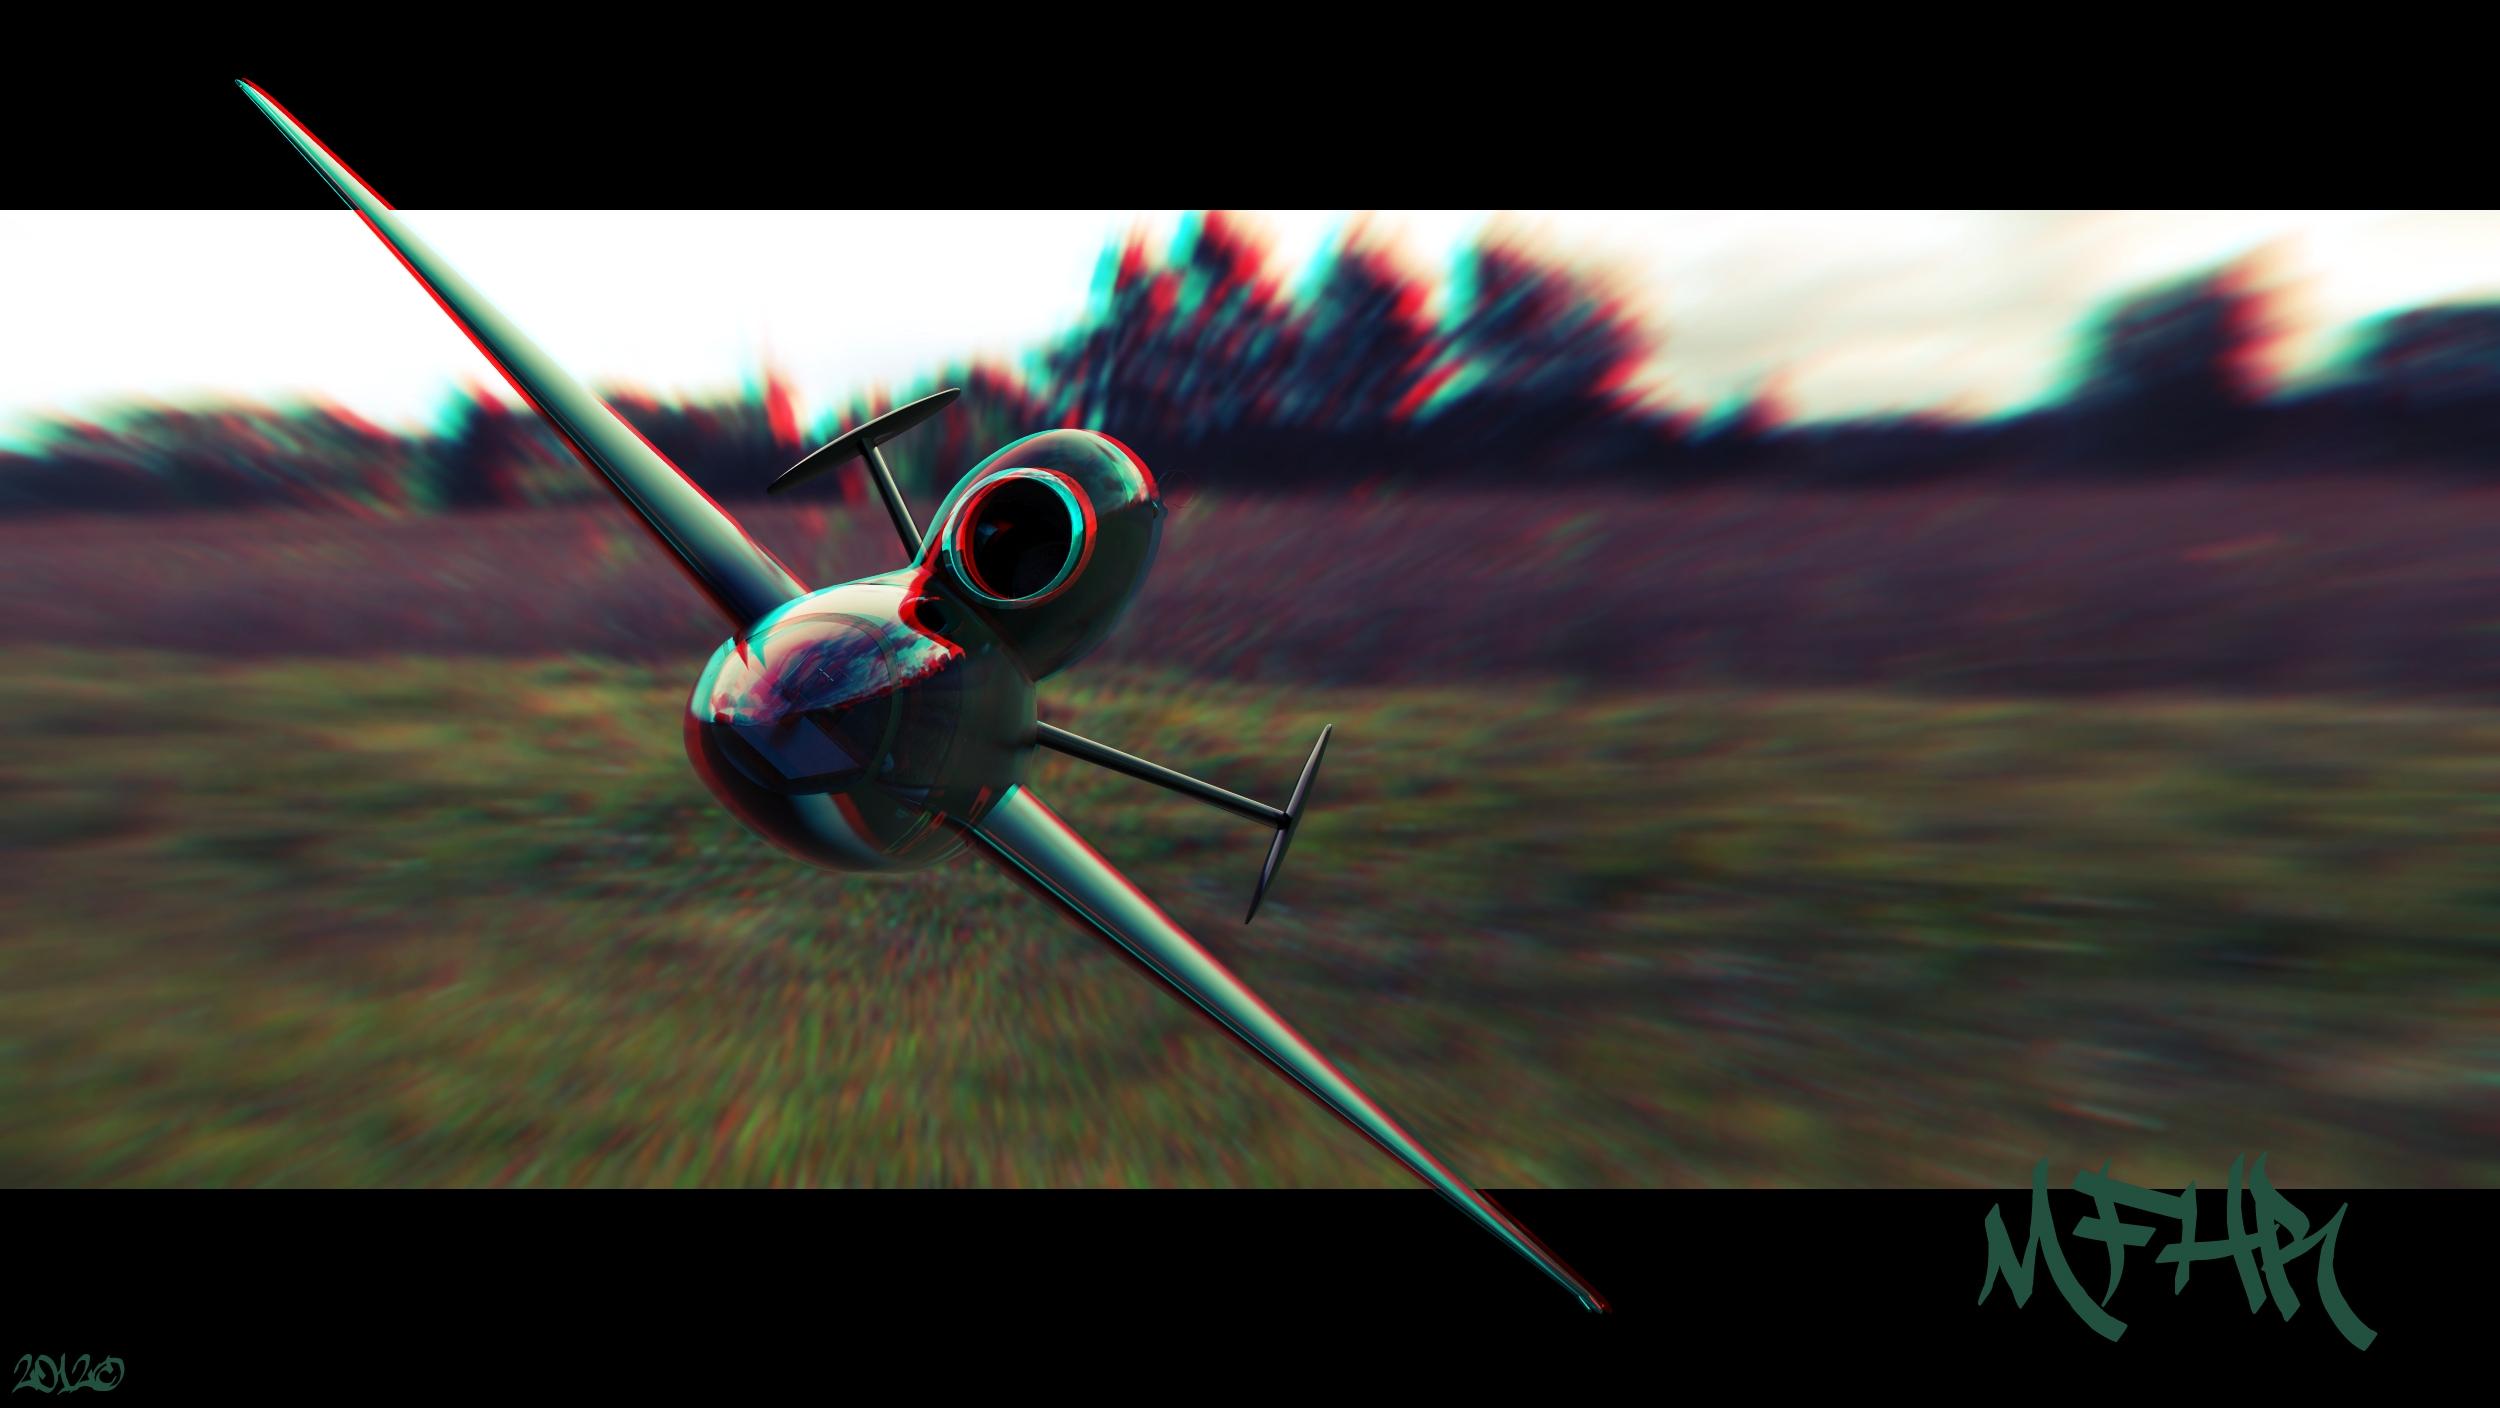 Henschel 132 Stereoscopic render